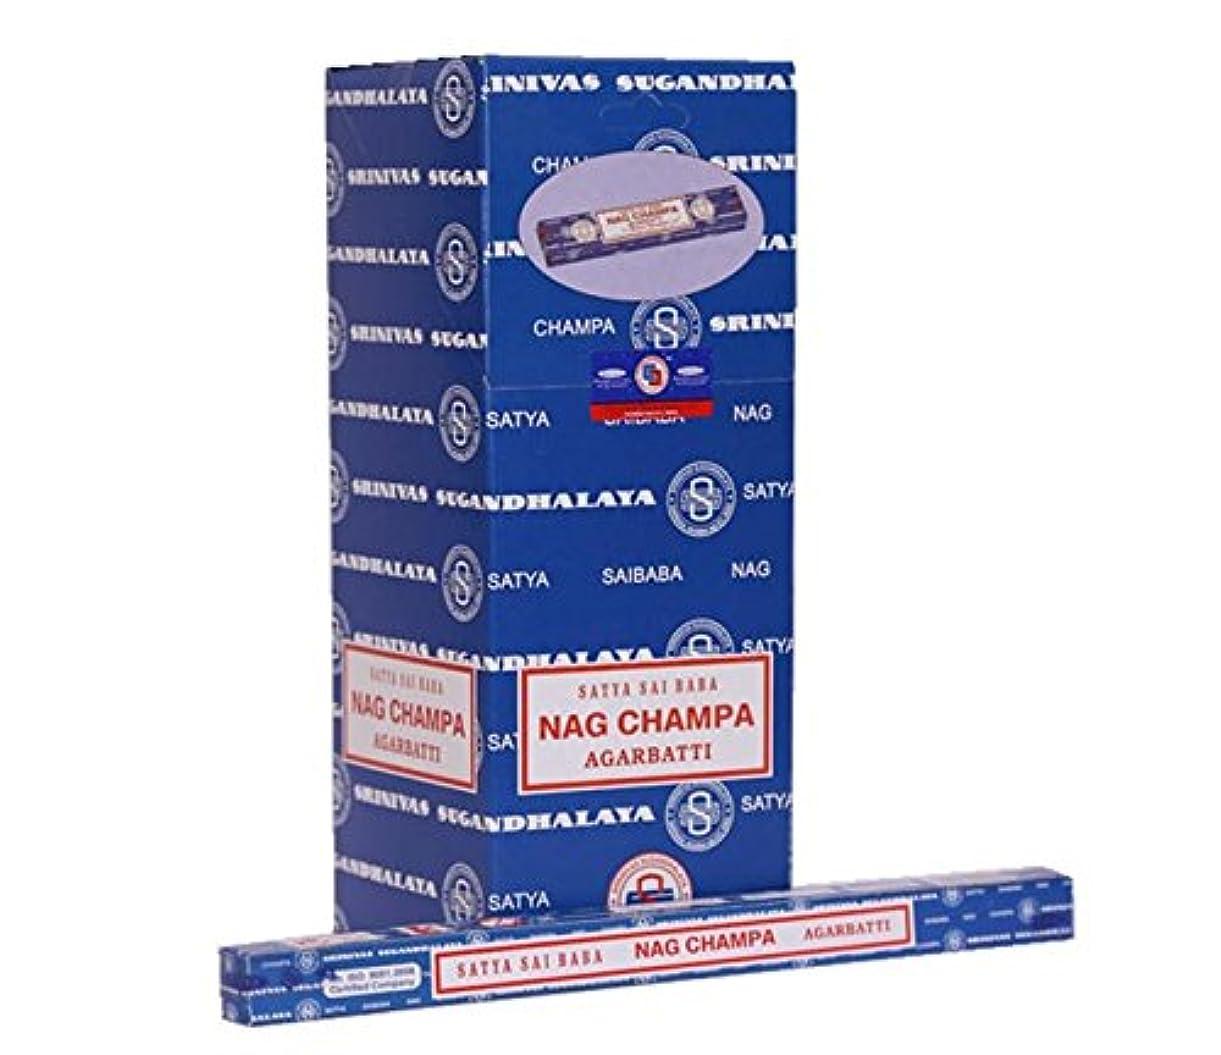 現代懲らしめリップSAI BABA Nag Champa Satyaお香250グラム  25パックの10グラム各in aボックス エクスポート品質